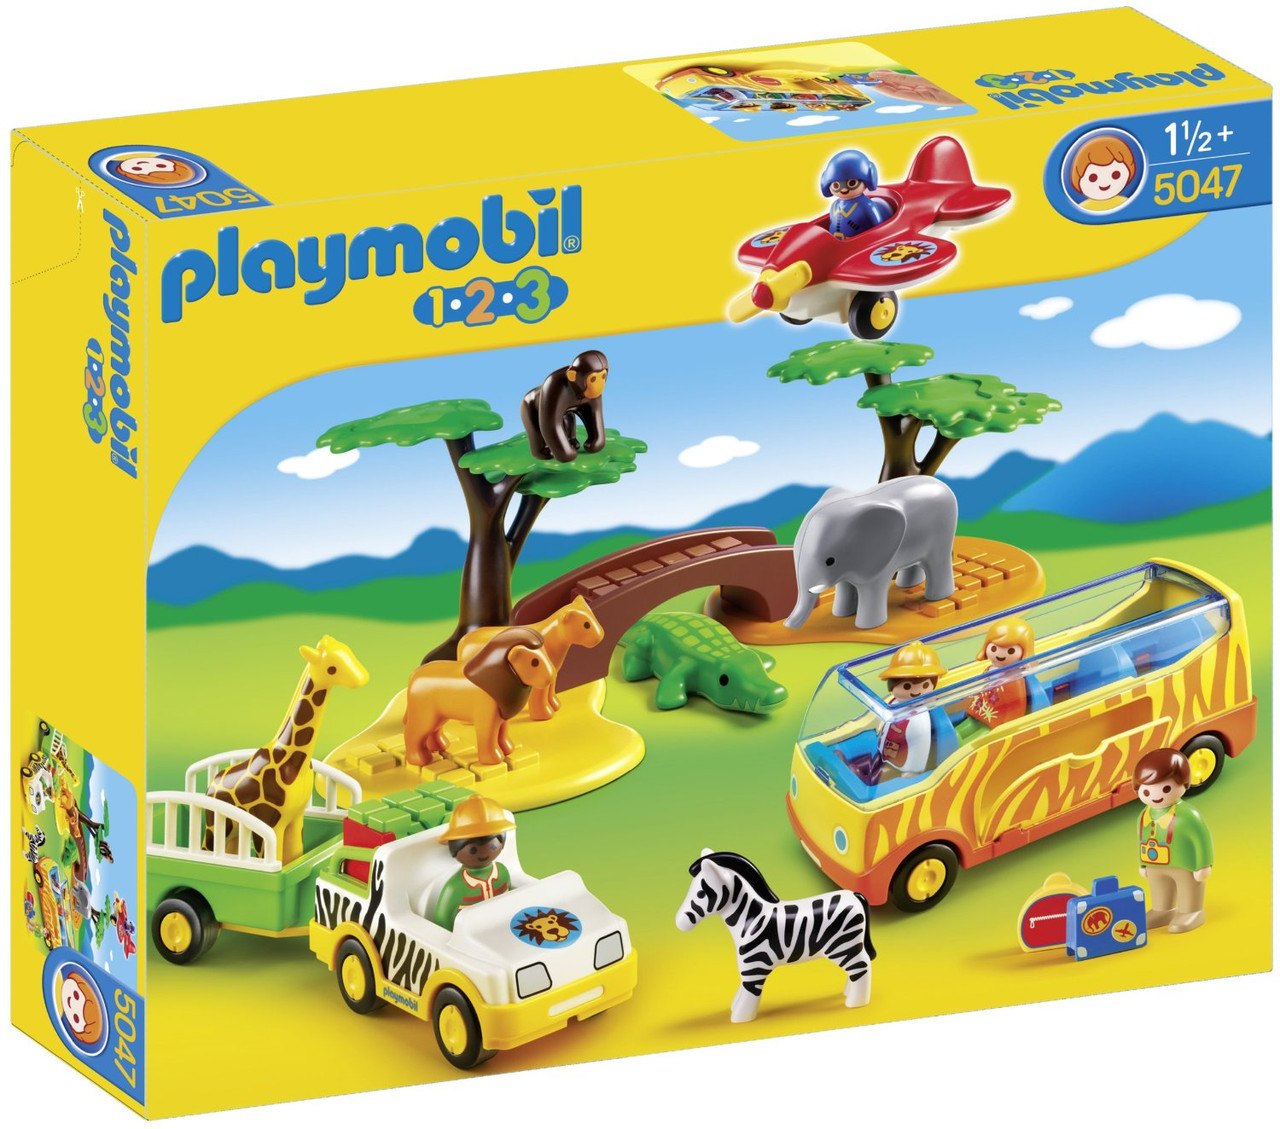 Playmobil 5047 Савана (Плеймобил конструктор Савана)